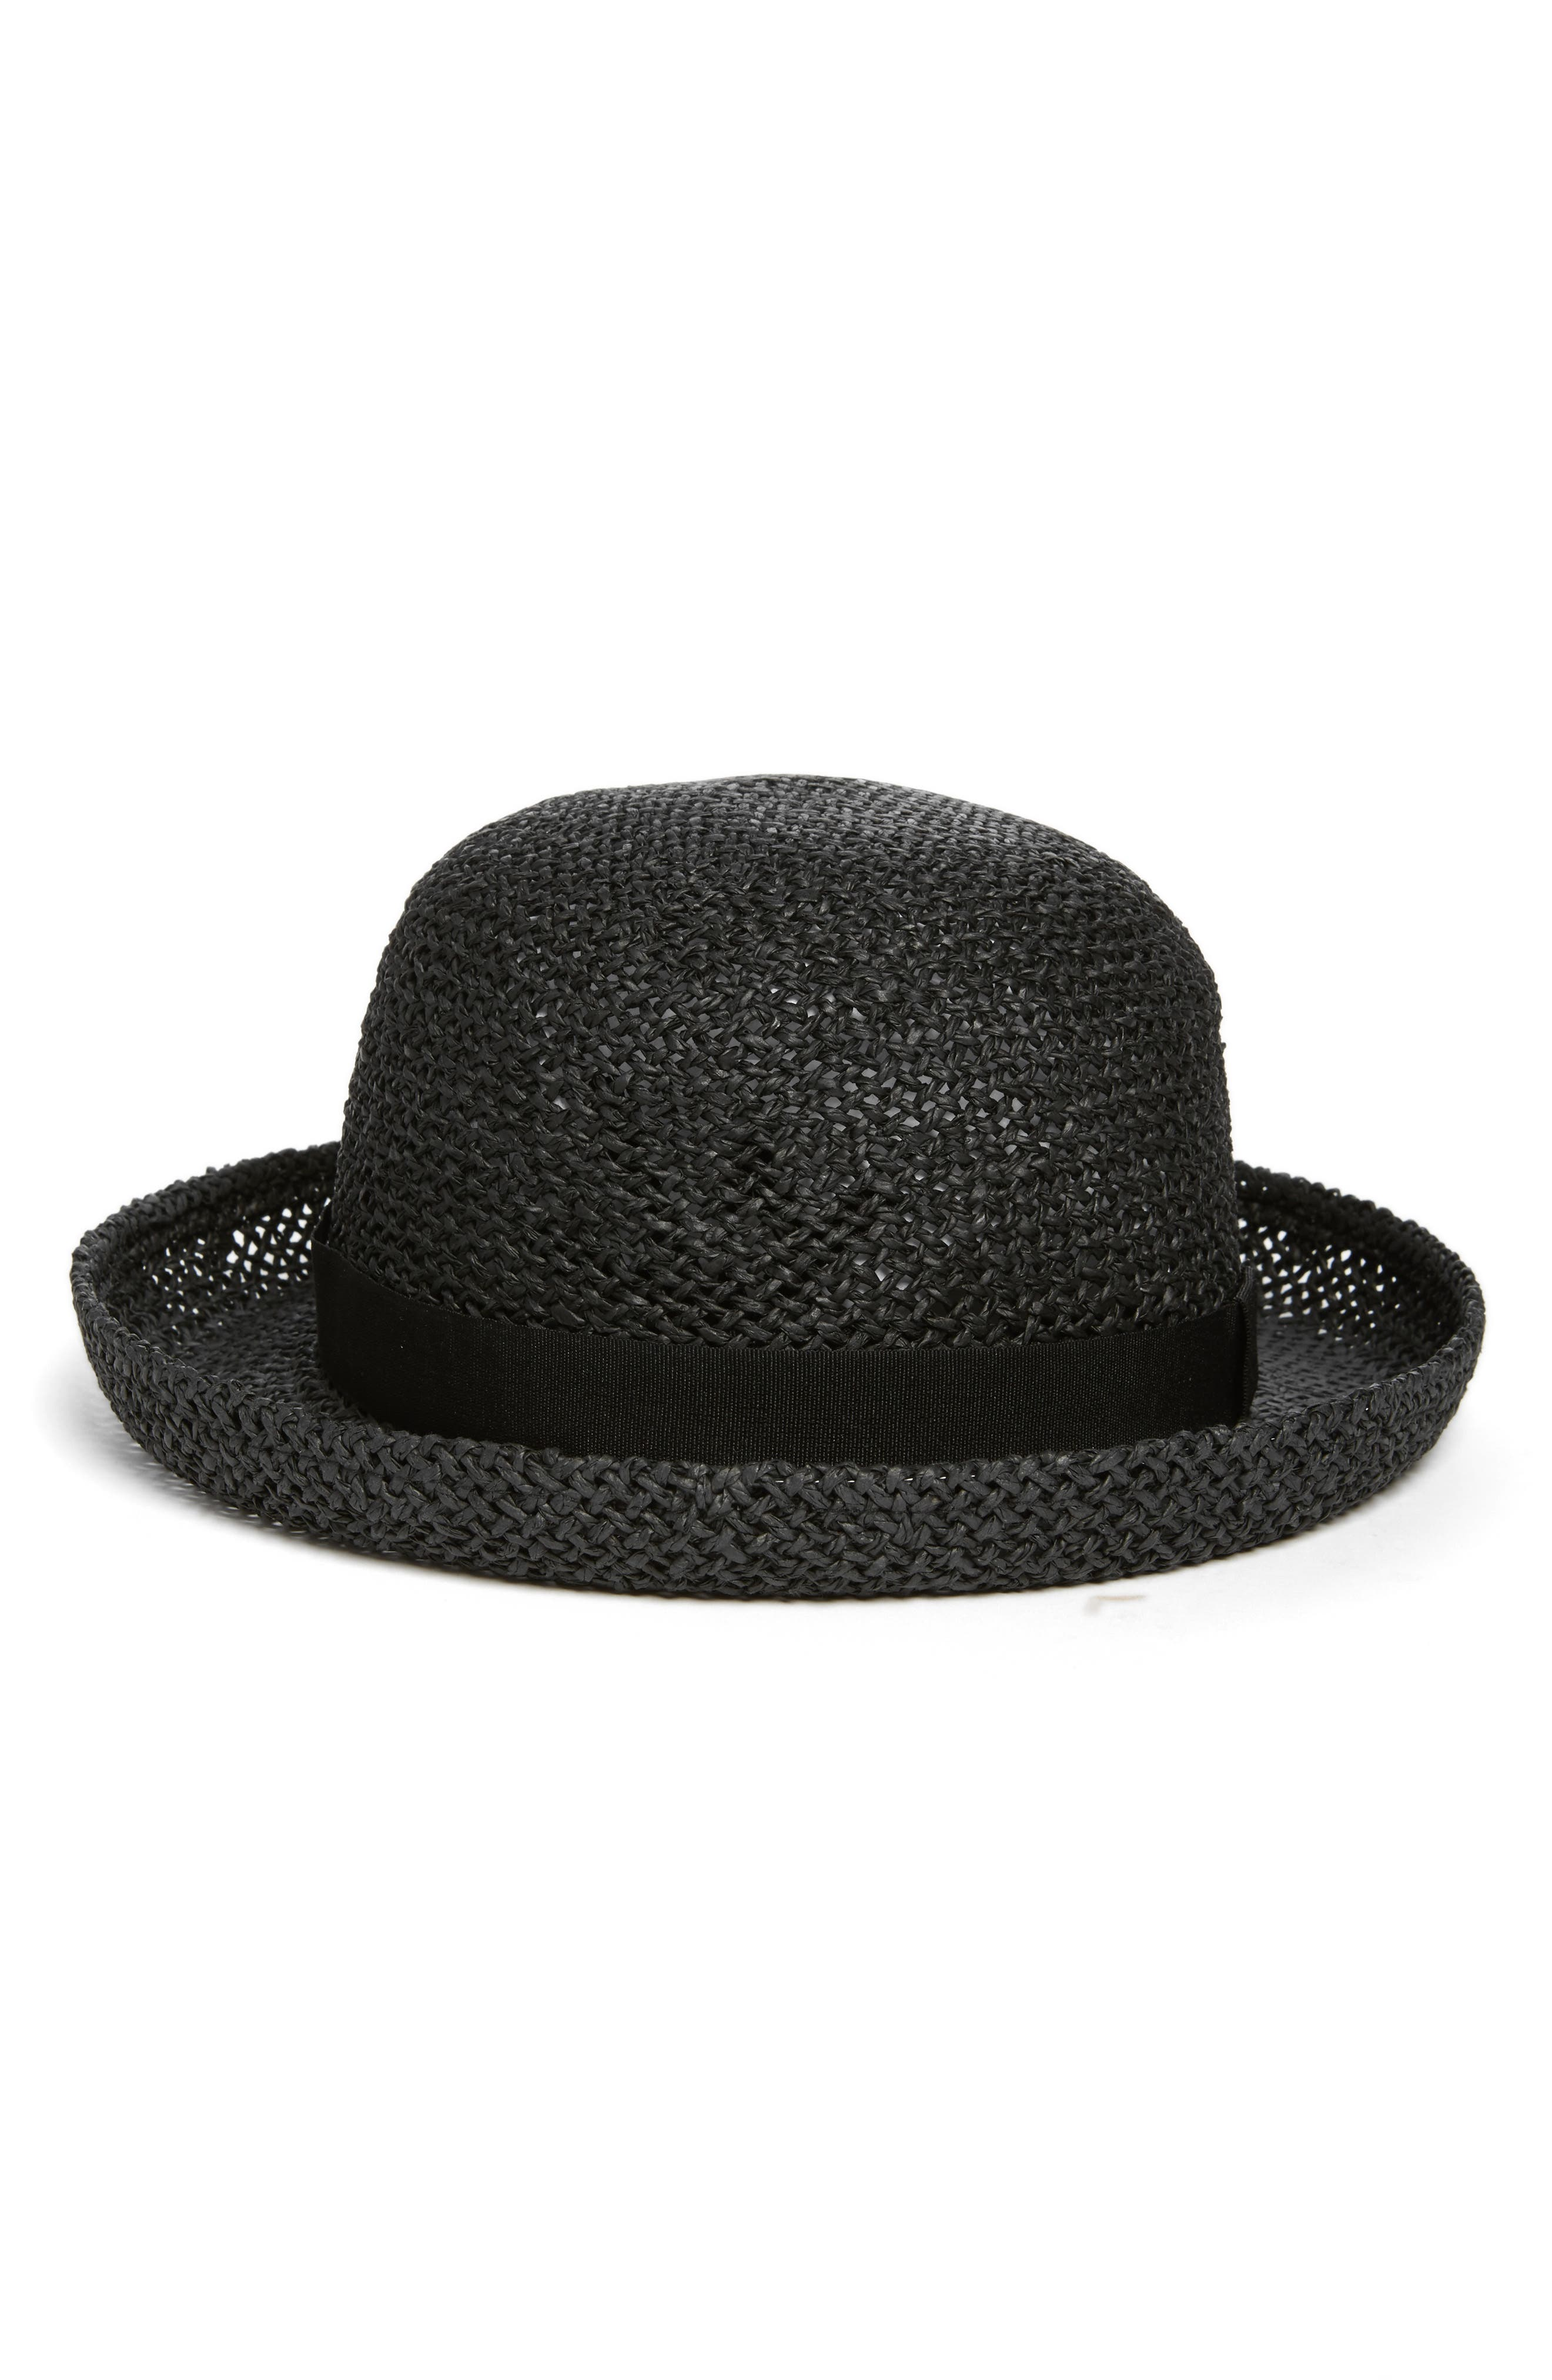 Hinge Straw Bowler Hat